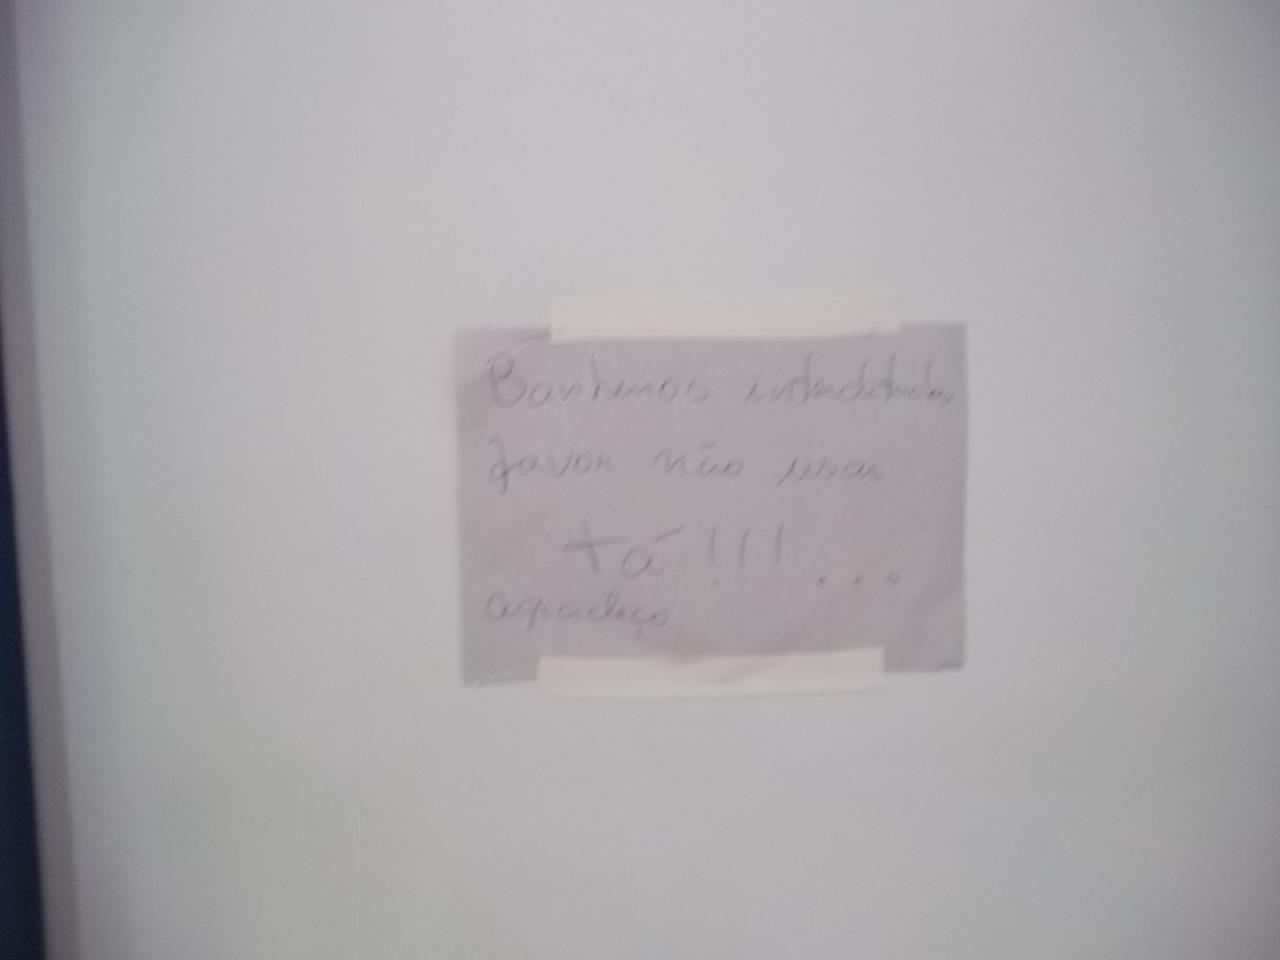 GALERIA DE FOTOS DO PESQUEIRA EM FOCO: FOTOS TIRADAS NO INTERIOR DO  #1F2231 1280x960 Atenção Banheiro Interditado